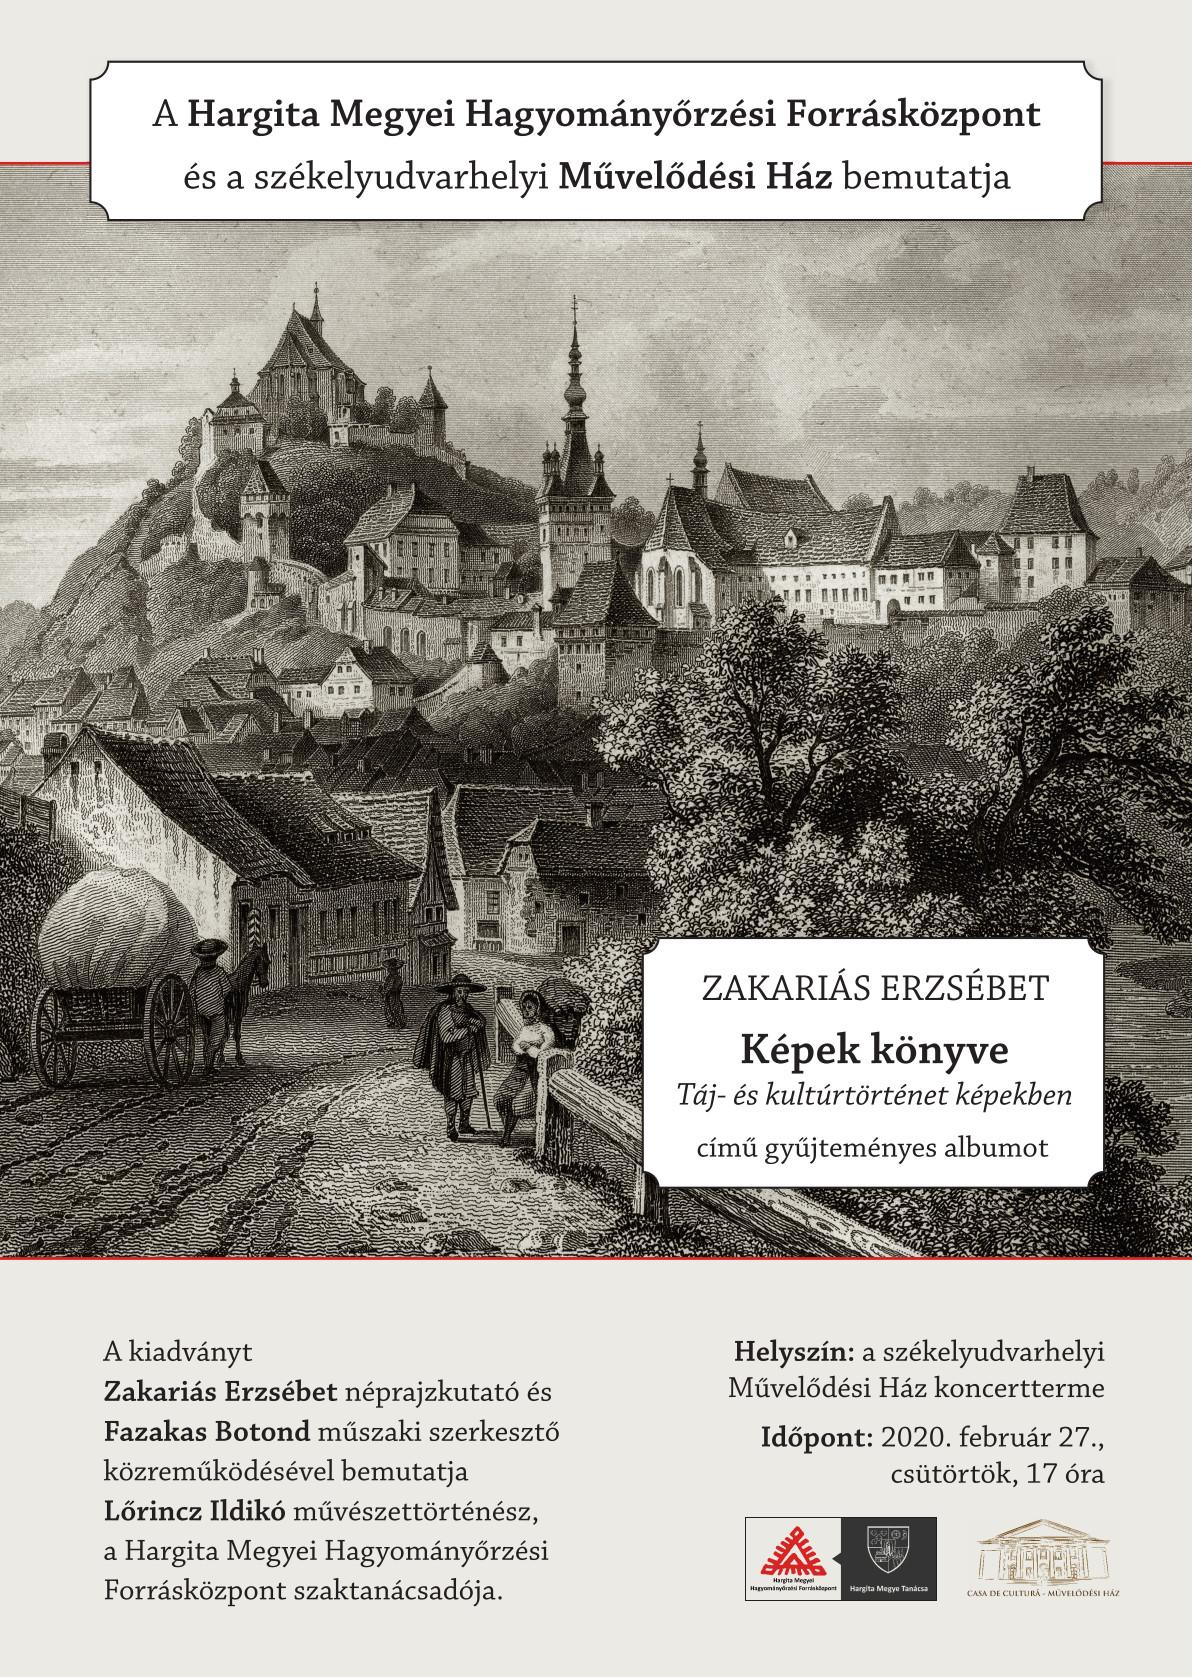 Cartea imaginilor. Istoria peisajului și a culturii în imagini Prezentare de carte la Odorheiu Secuiesc